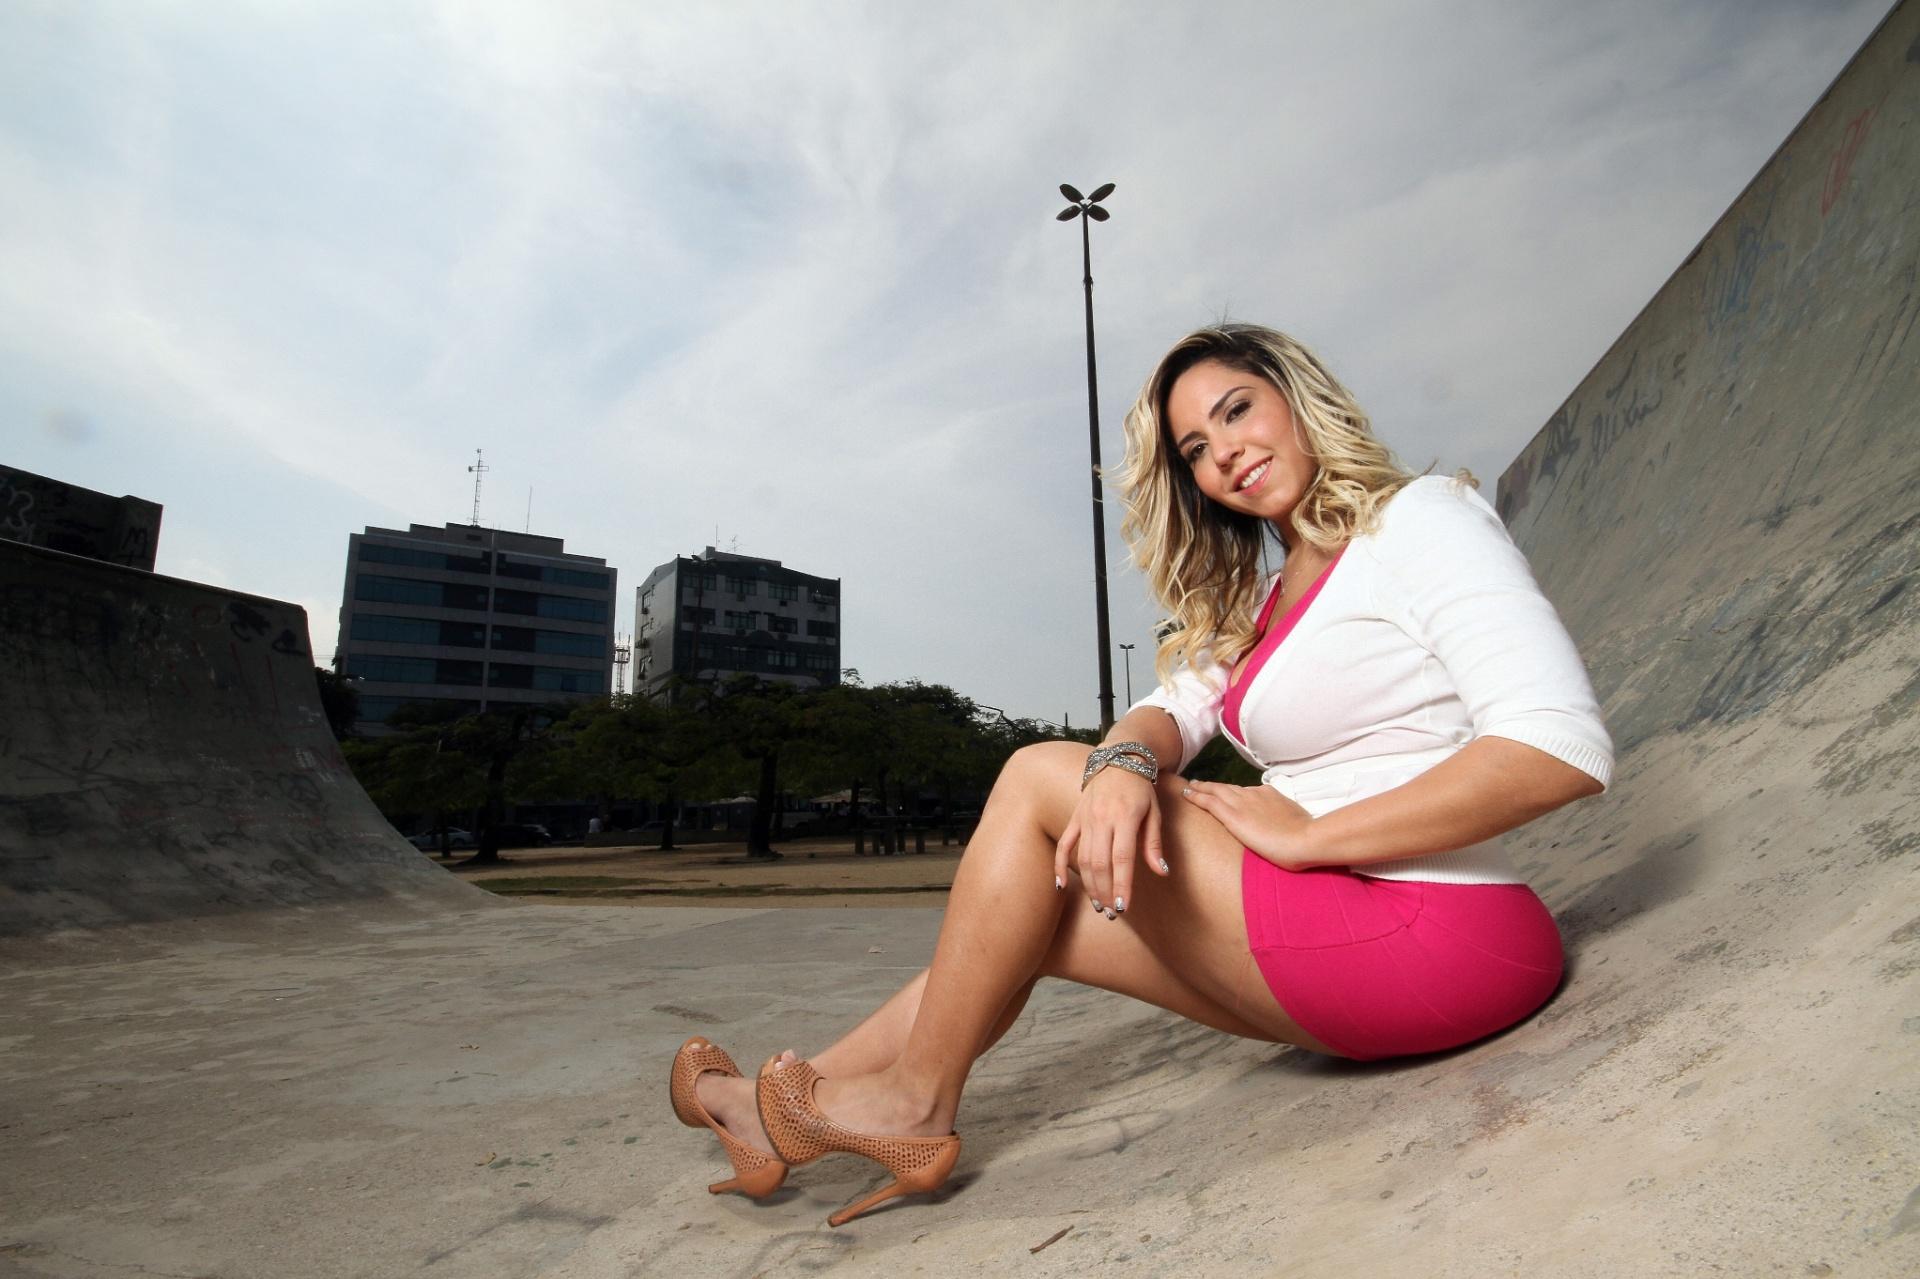 7.ago.2013 - Renata Frisson, a Mulher Melão, posou com exclusividade para o UOL em Vila Valqueire, bairro do subúrbio do Rio onde está residindo. Na entrevista, a funkeira afirmou que está sem fazer sexo há oito meses